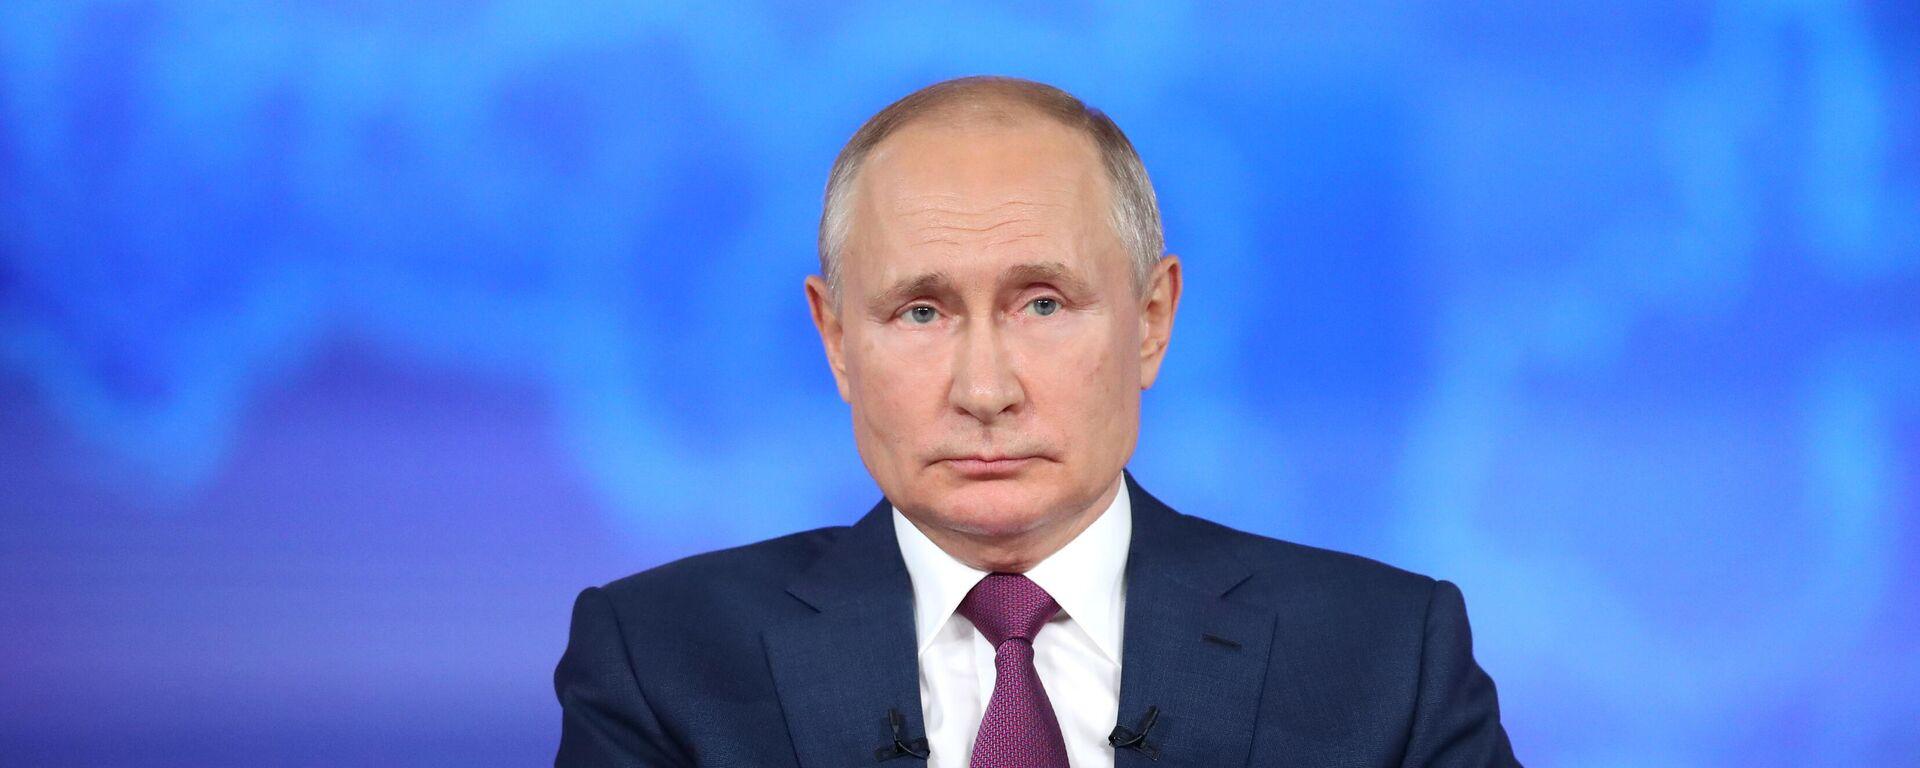 Президент РФ Владимир Путин - Sputnik Таджикистан, 1920, 20.08.2021